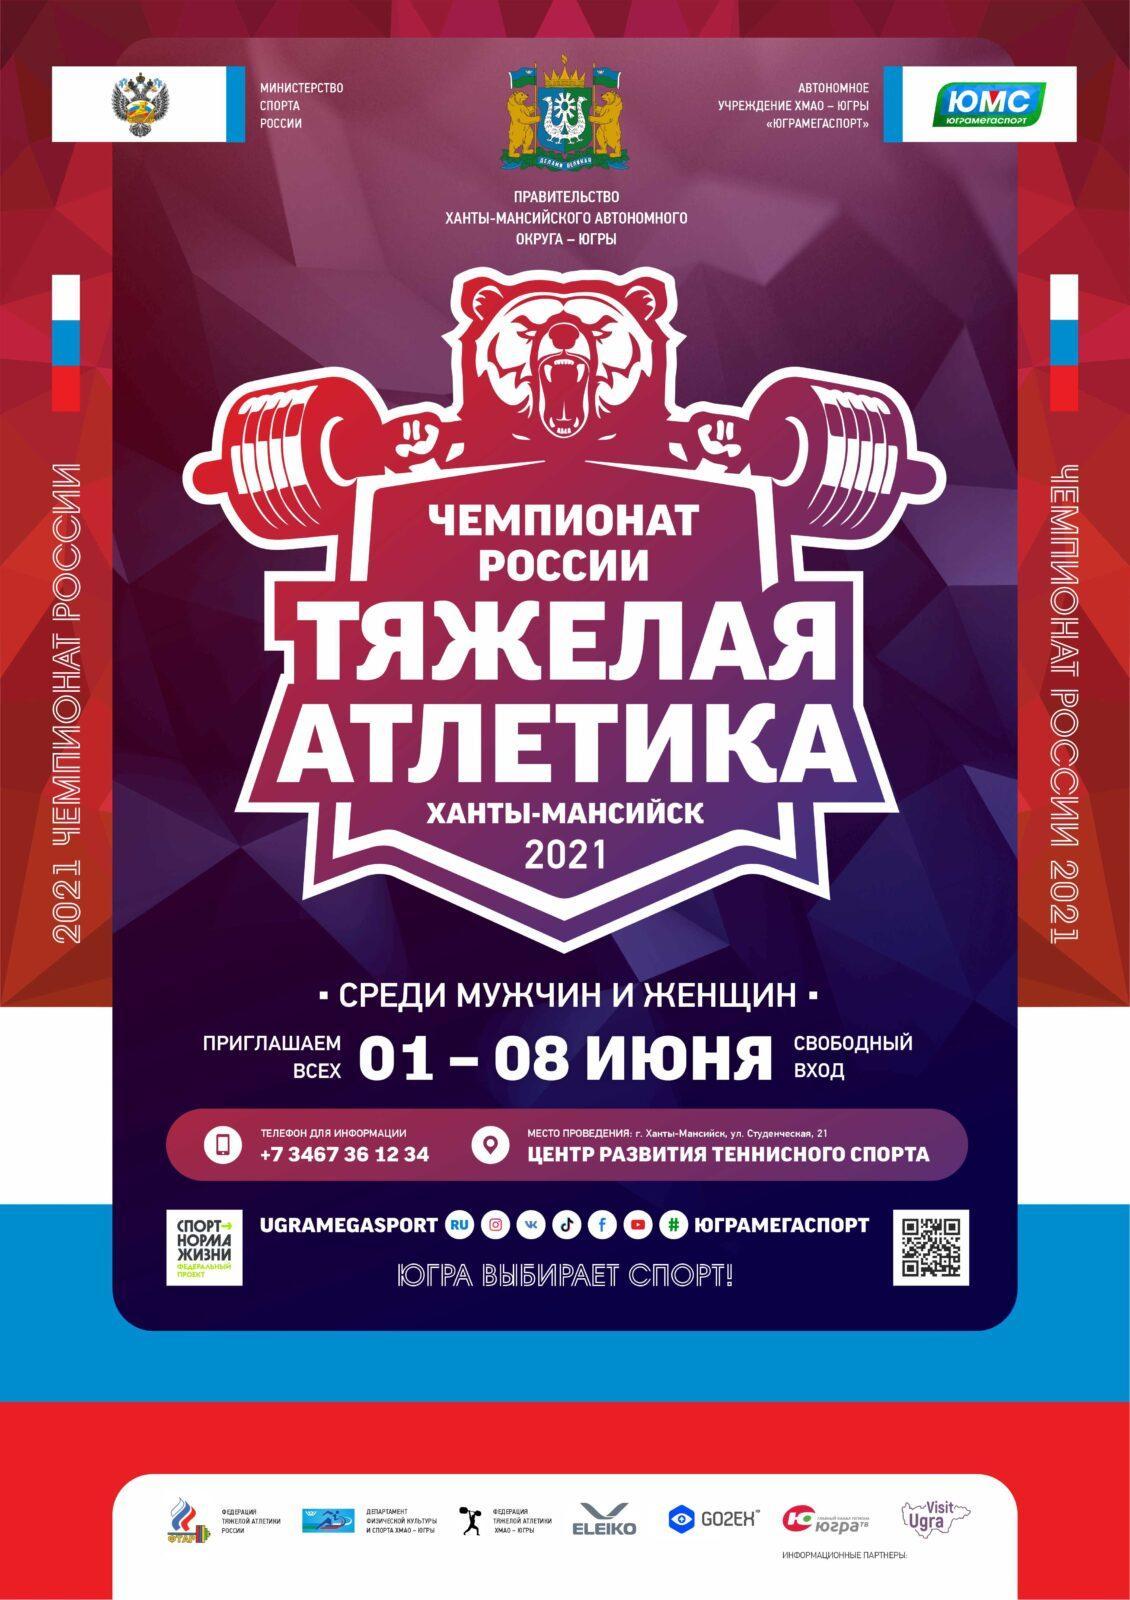 Чемпионат России по тяжелой атлетике среди мужчин и женщин